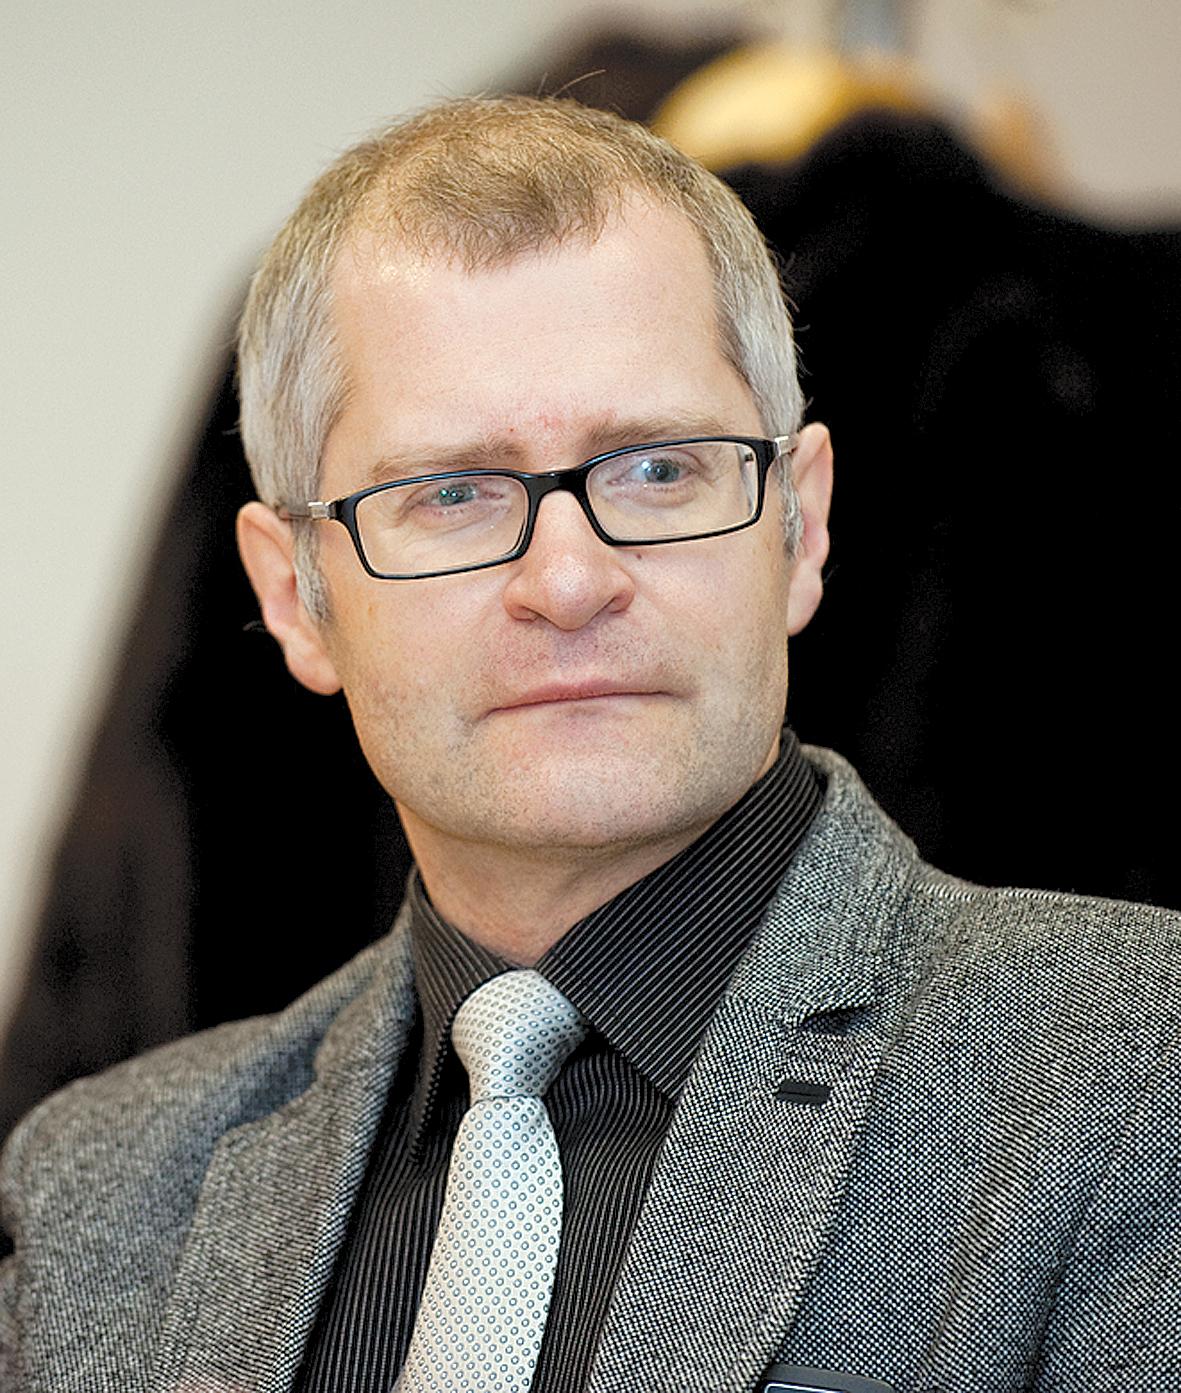 Artis KALNIŅŠ, invazīvais kardiologs Rīgas Austrumu Klīniskā universitātes slimnīca